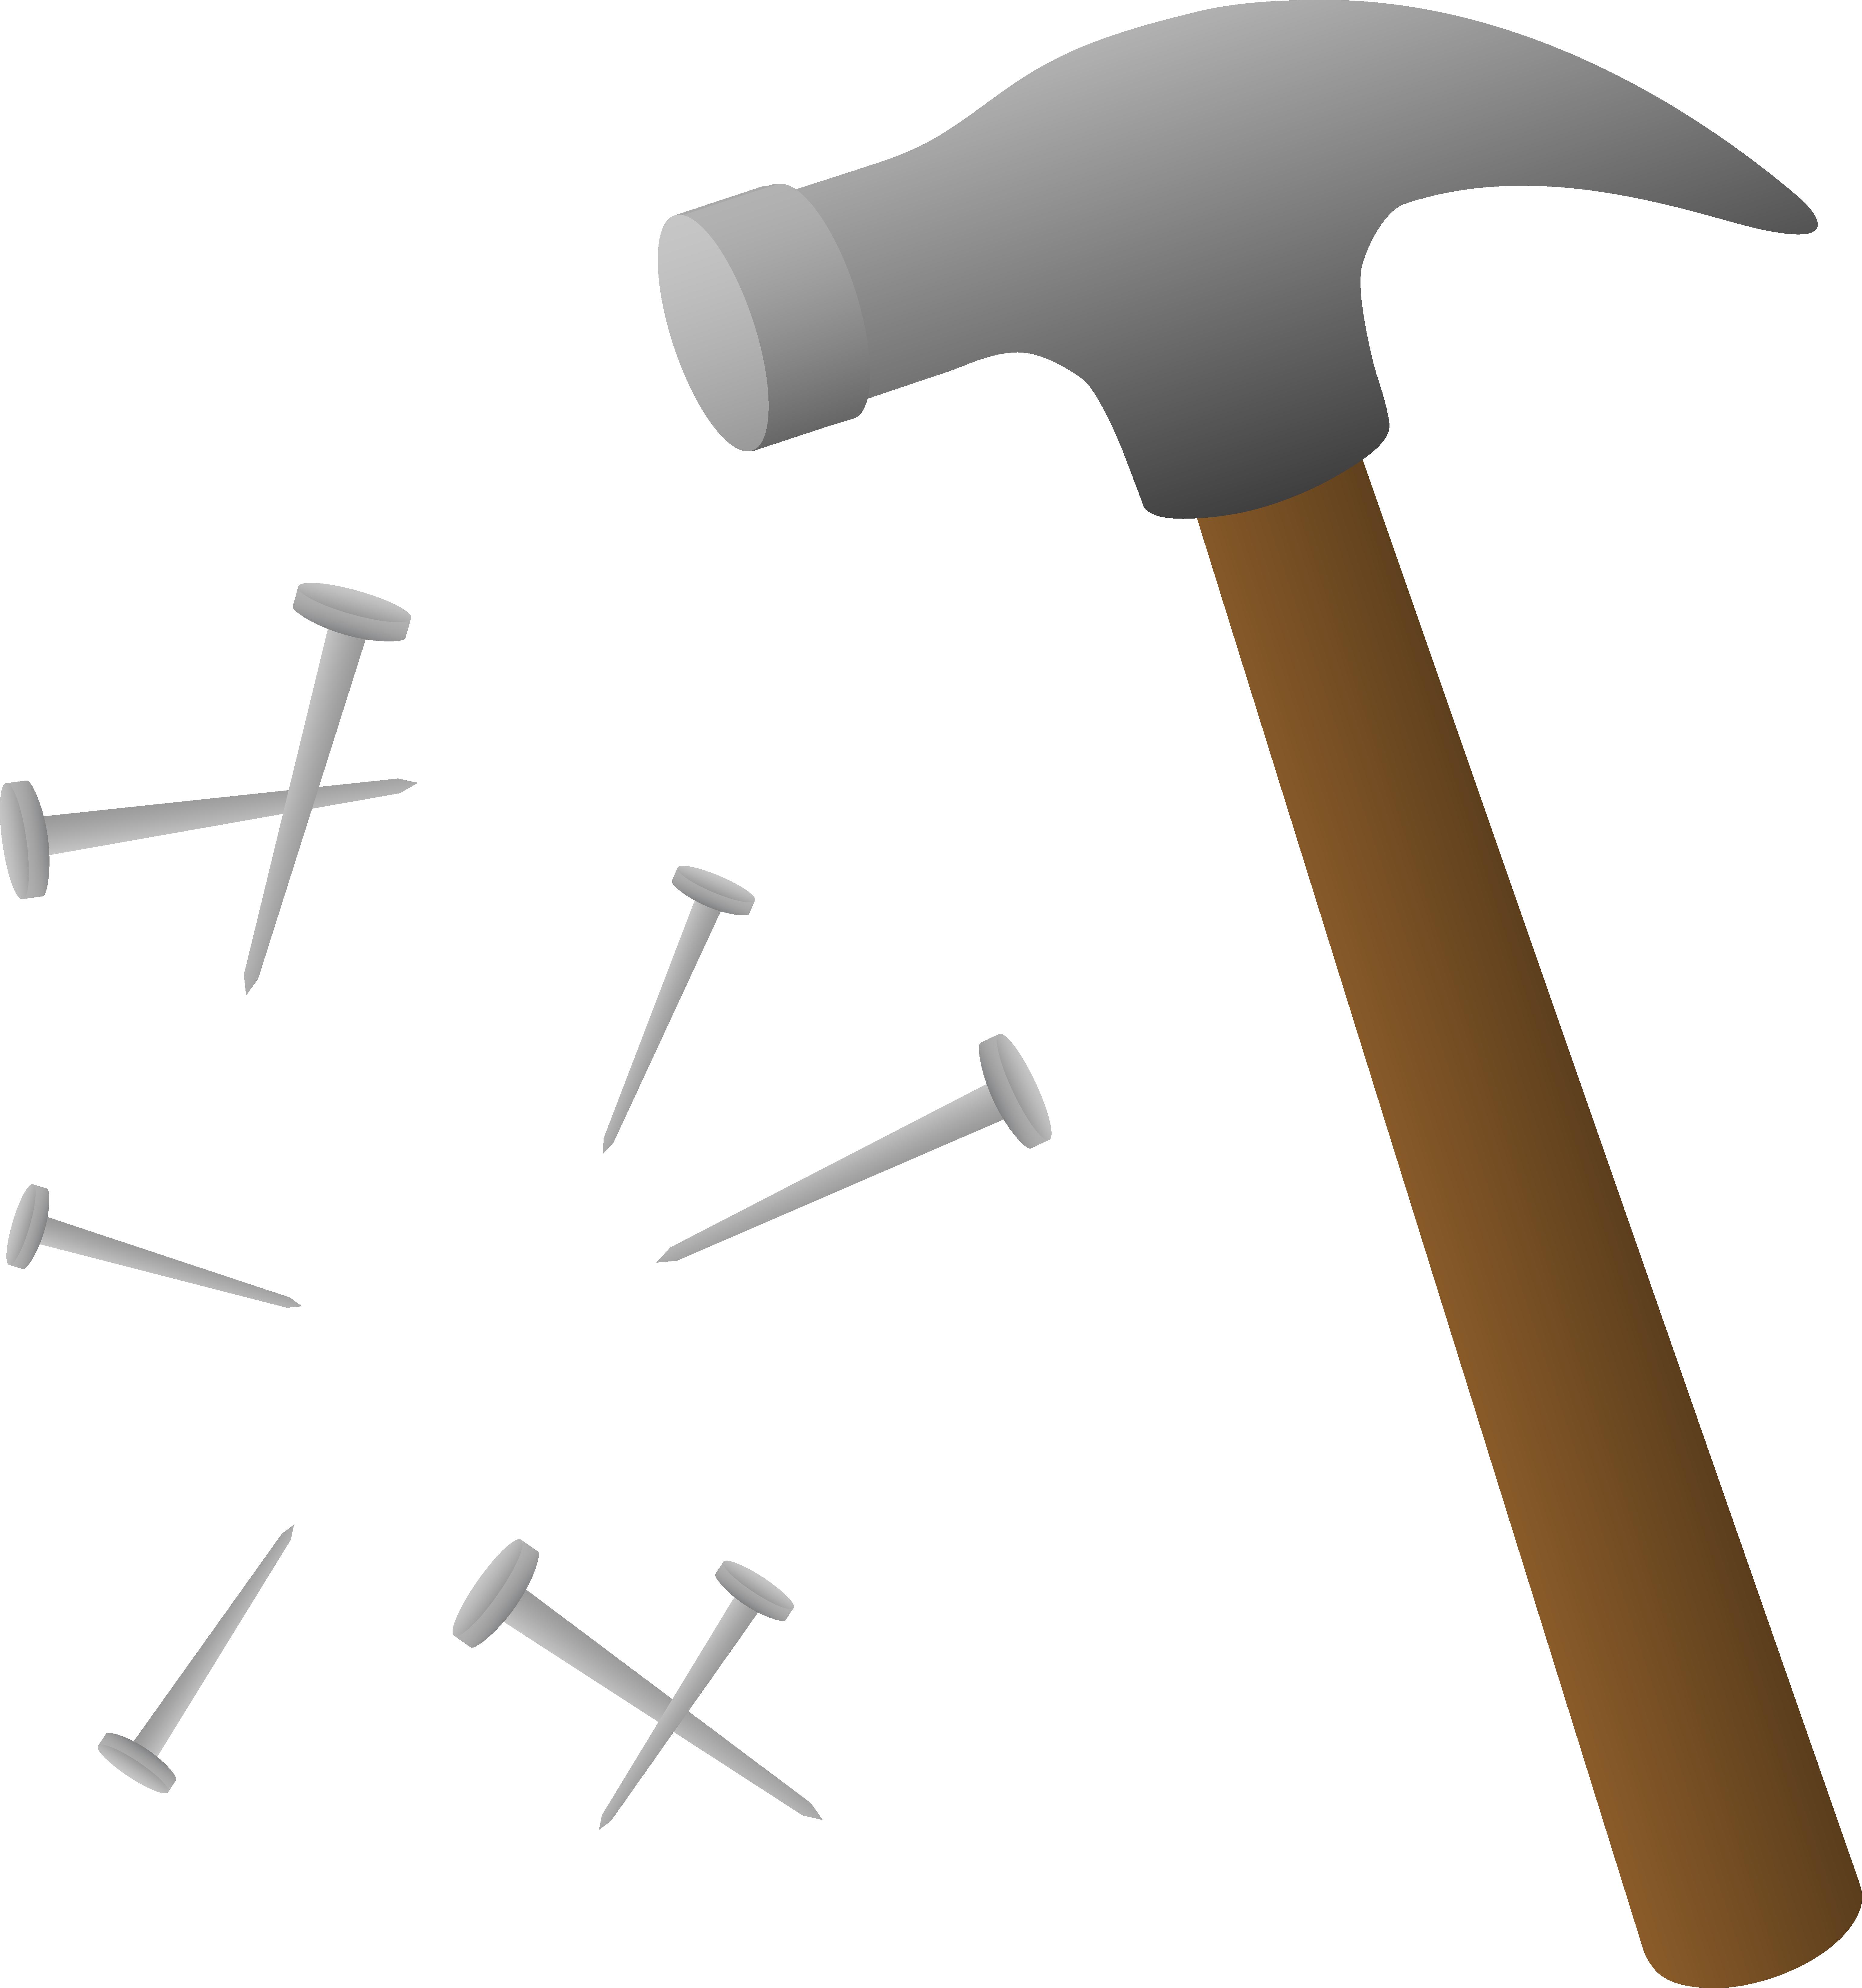 Construction Tools Clipart Construction tools, Home